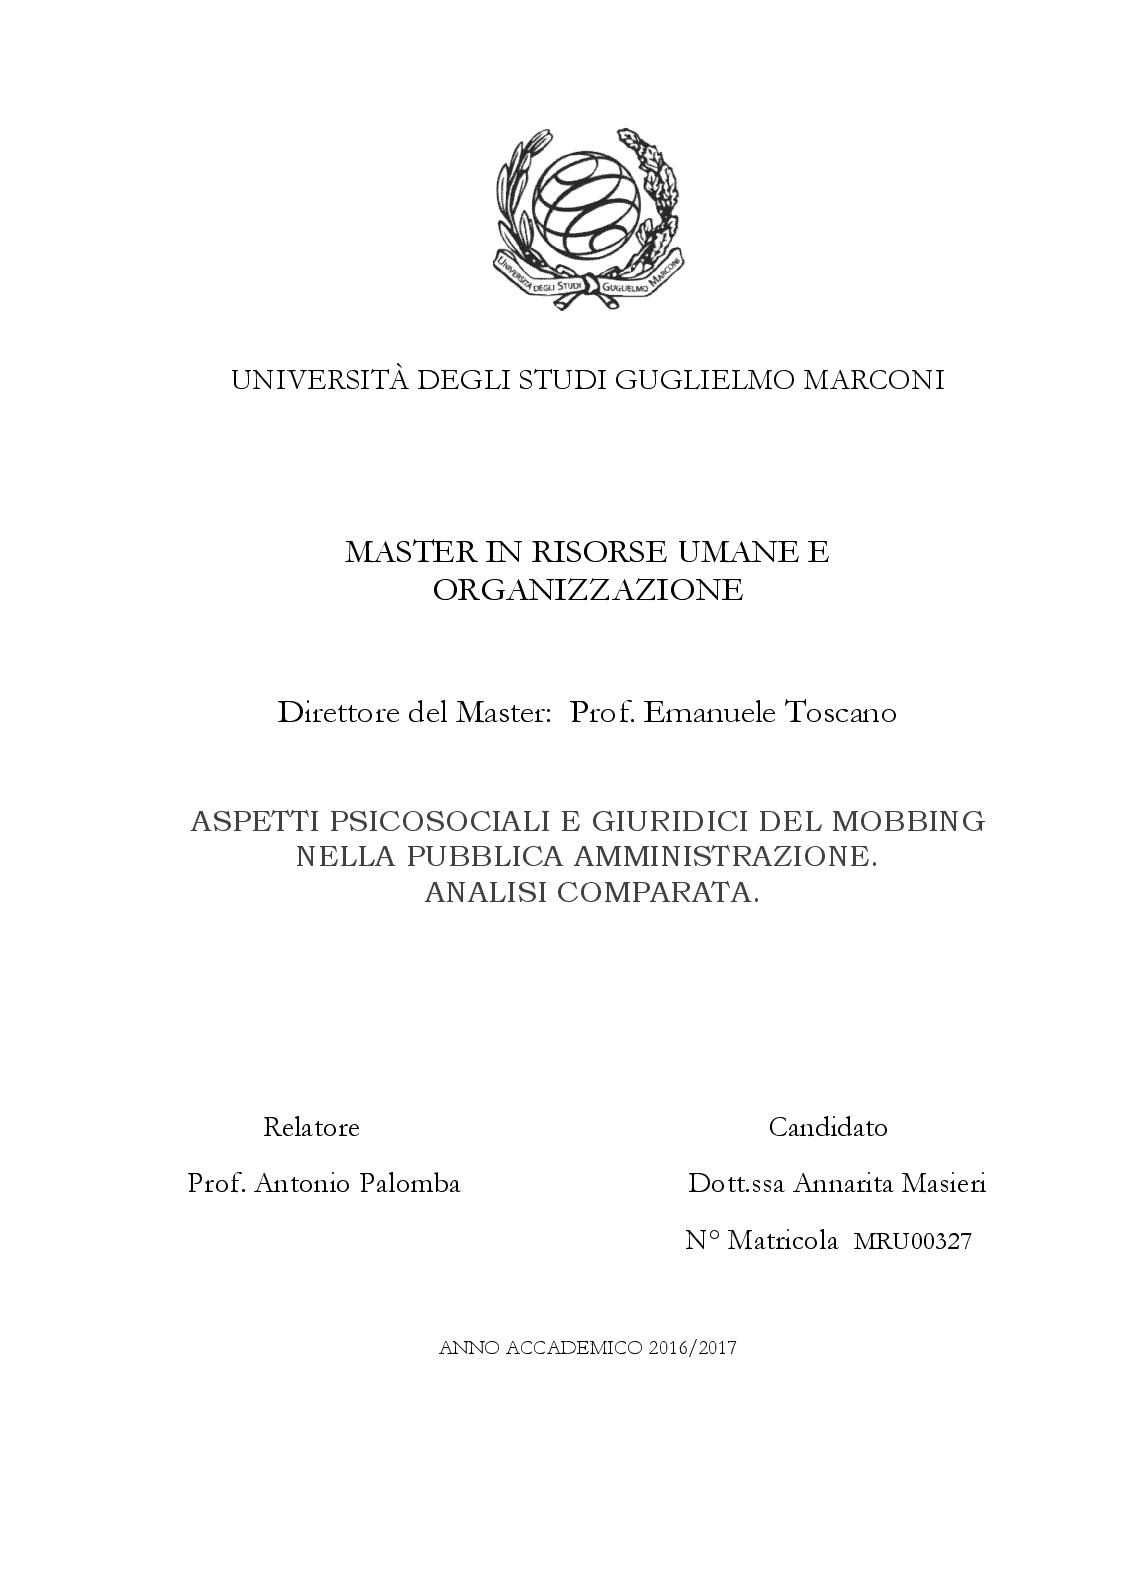 Anteprima della tesi: Aspetti Psicosociali e Girudici del Mobbing nella Pubblica Amministrazione.  Analisi Comparata, Pagina 1